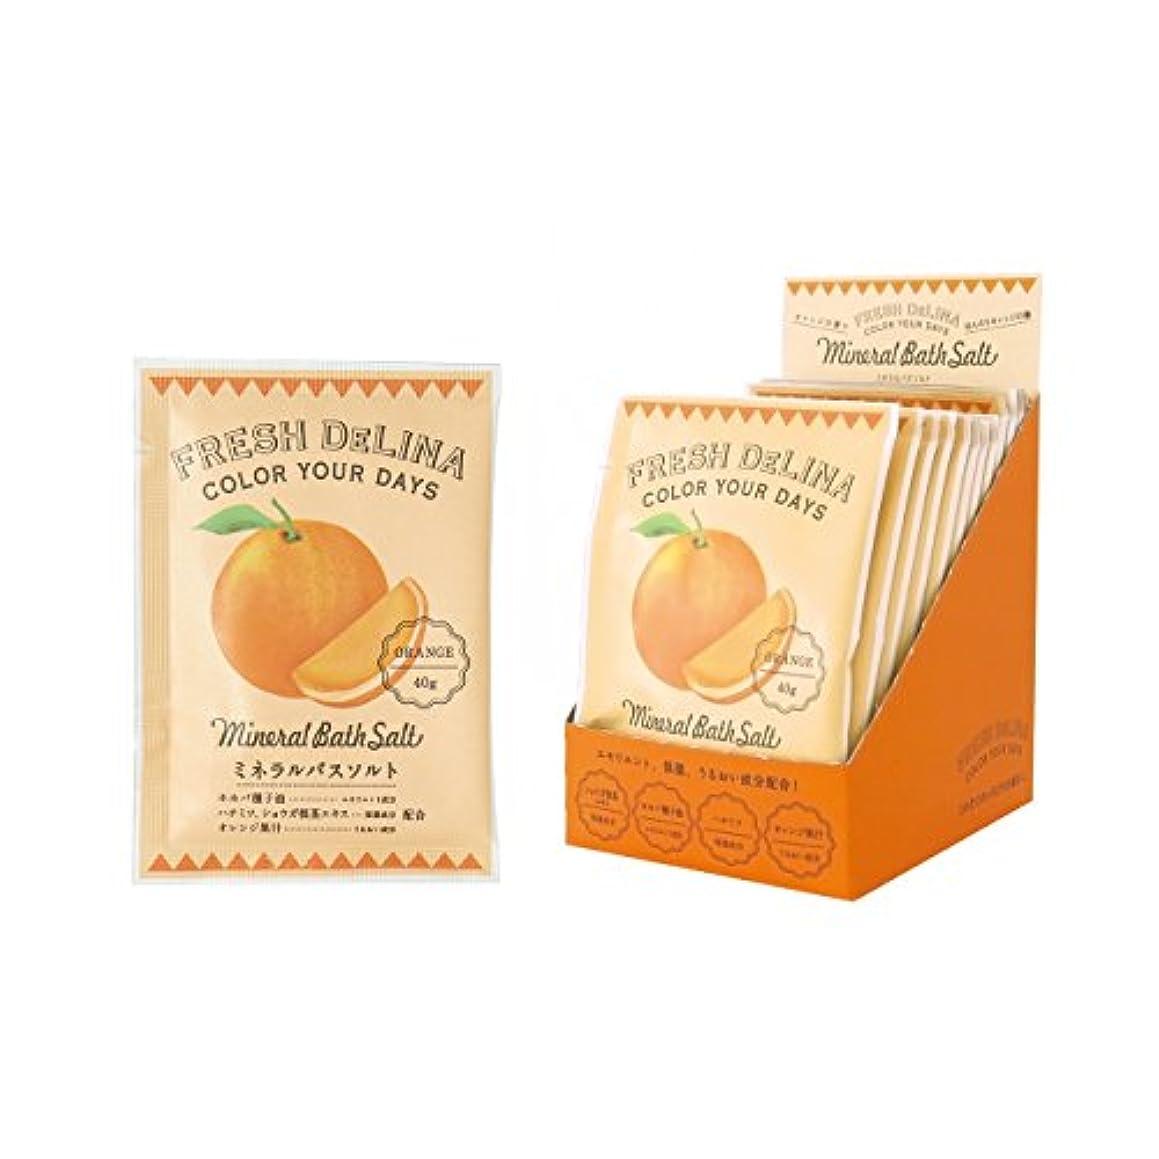 交換可能評価する開梱フレッシュデリーナ ミネラルバスソルト40g(オレンジ) 12個 (海塩タイプ入浴料 日本製 フレッシュな柑橘系の香り)